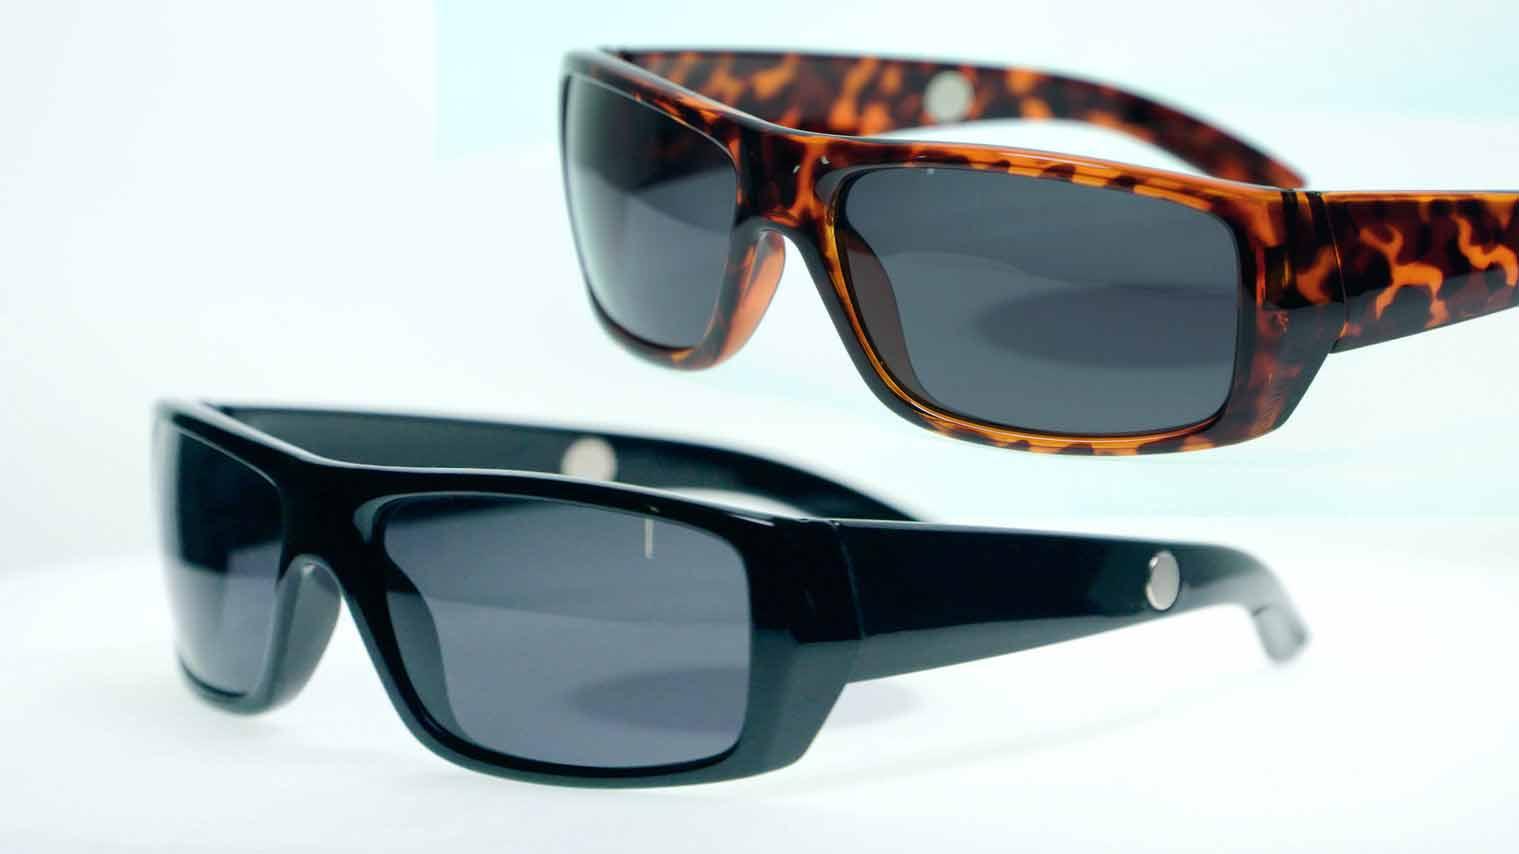 Okulary Kierowców Vision 2 pary za 49,99zł zamiast 200